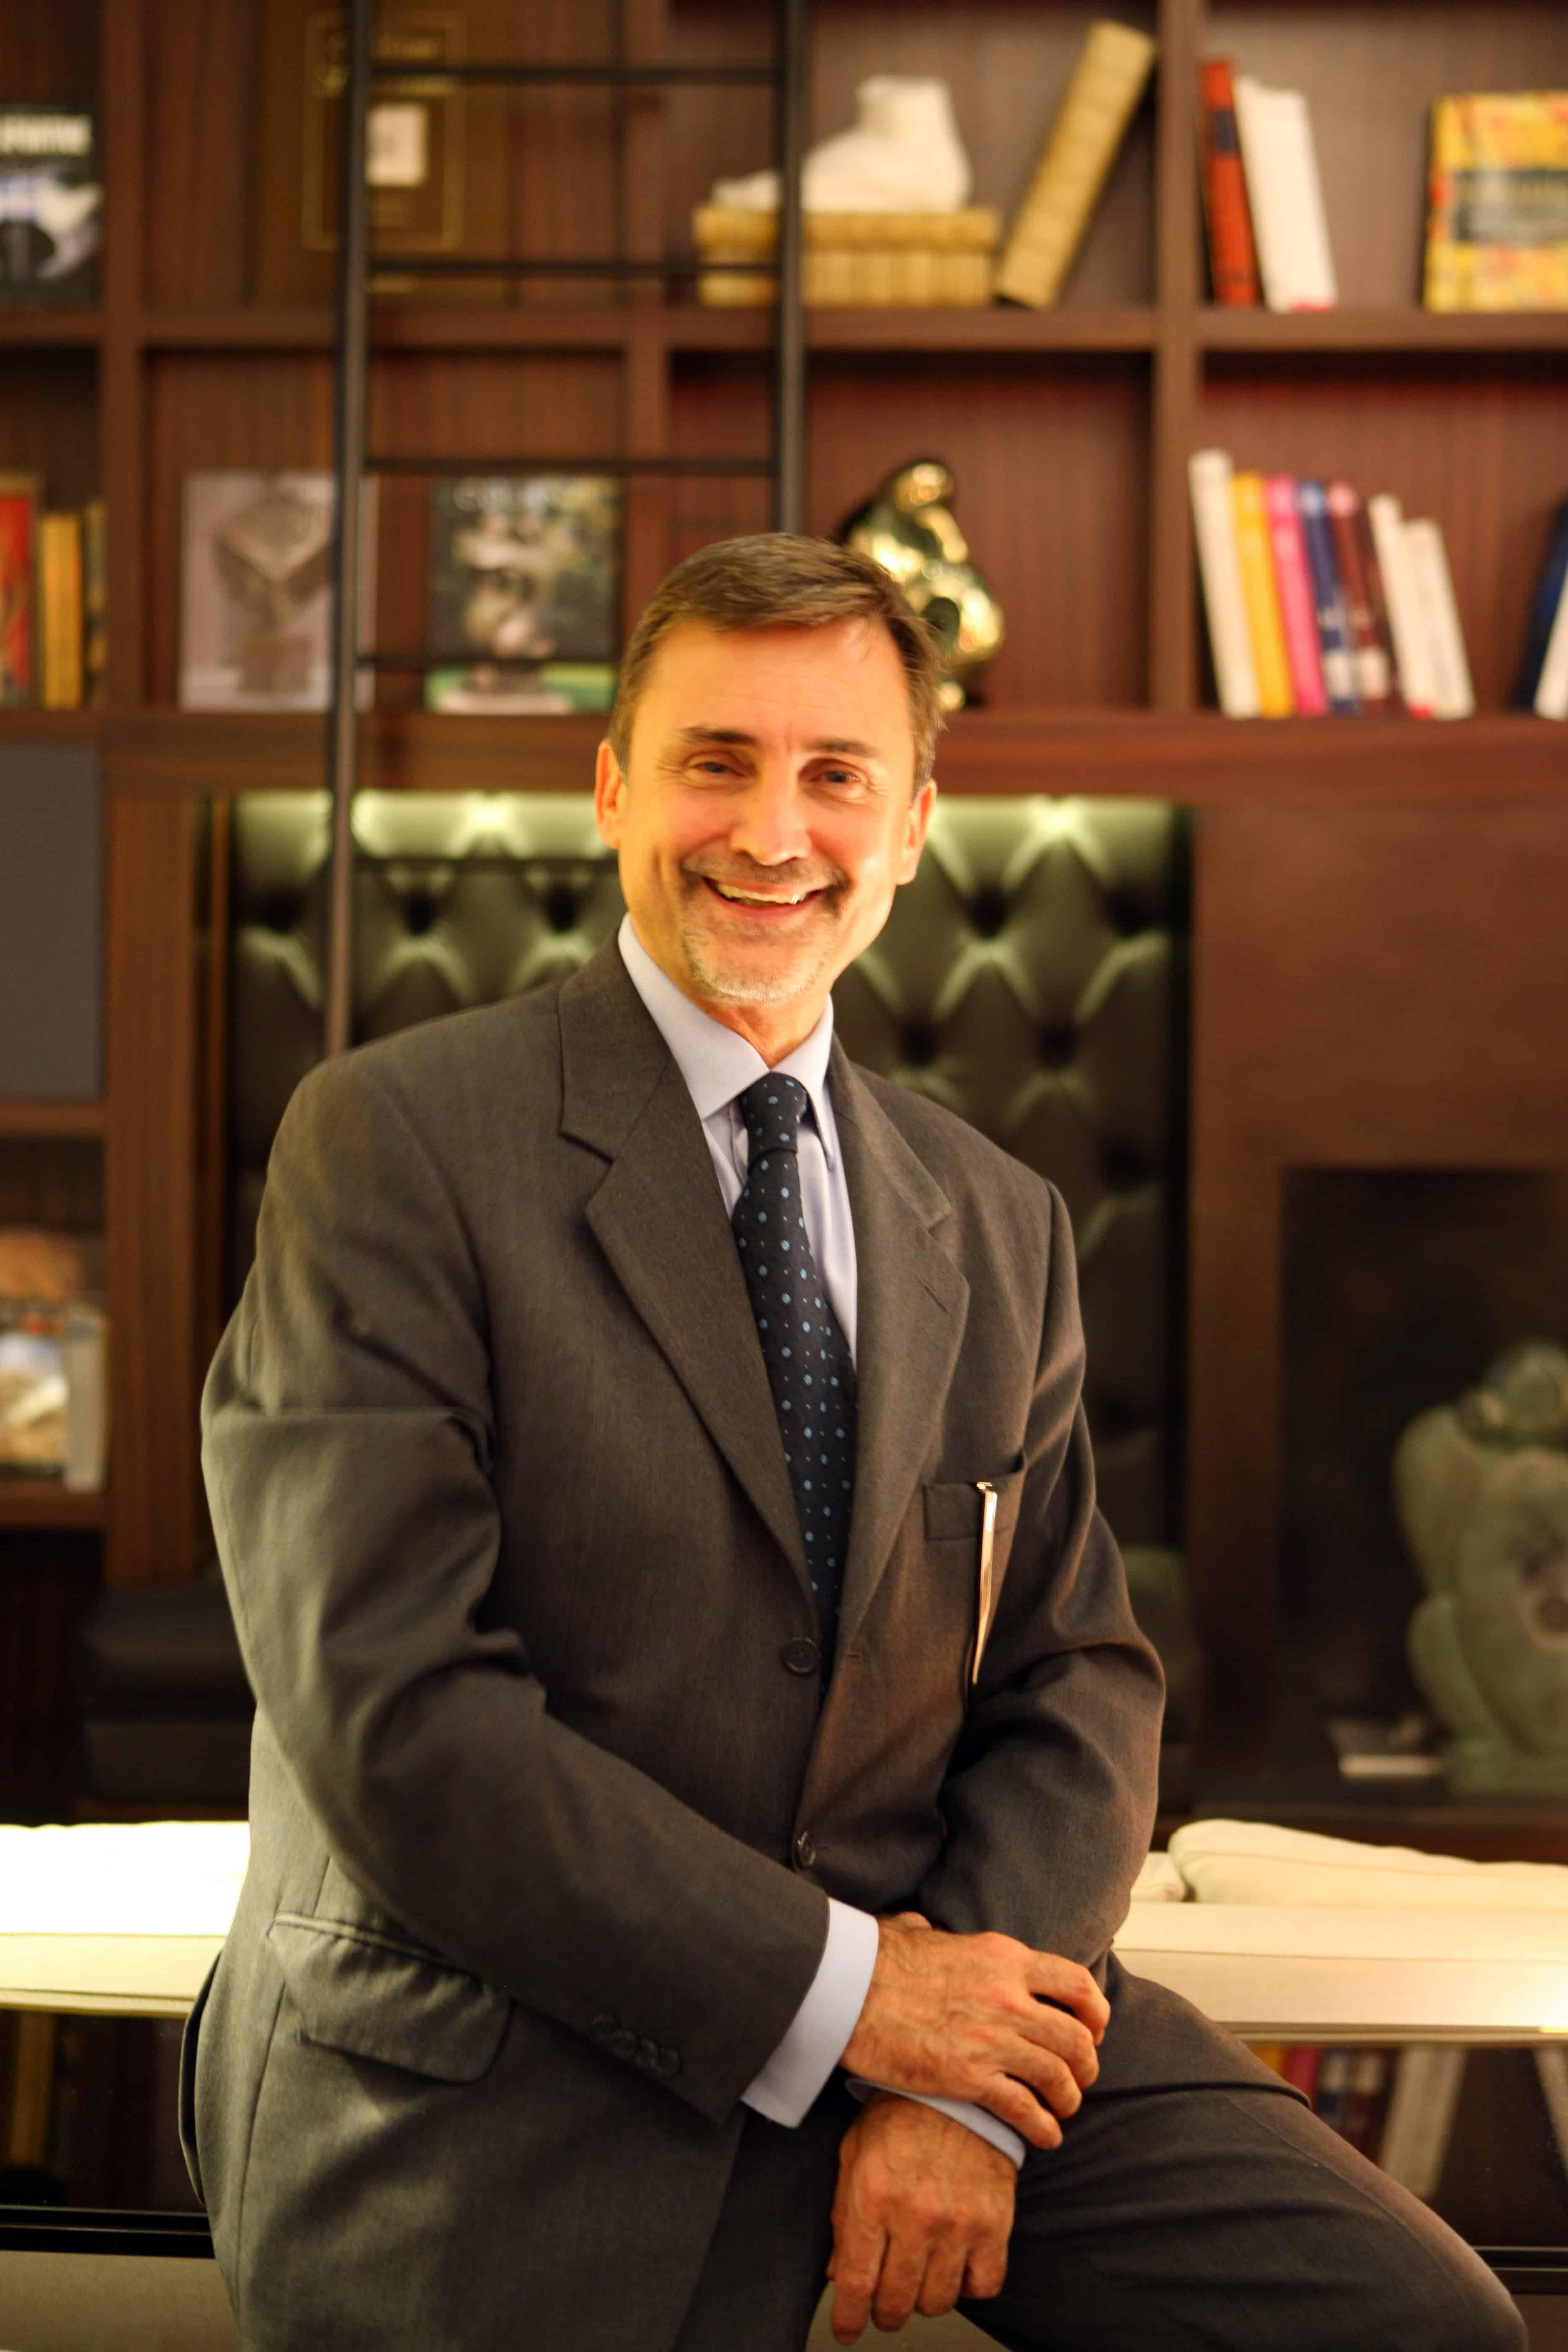 Intervista a Maurizio Faroldi, direttore di Hotel Milano Scala. <br/>&#8220;A chi lavora con me, chiedo di essere felice&#8221;